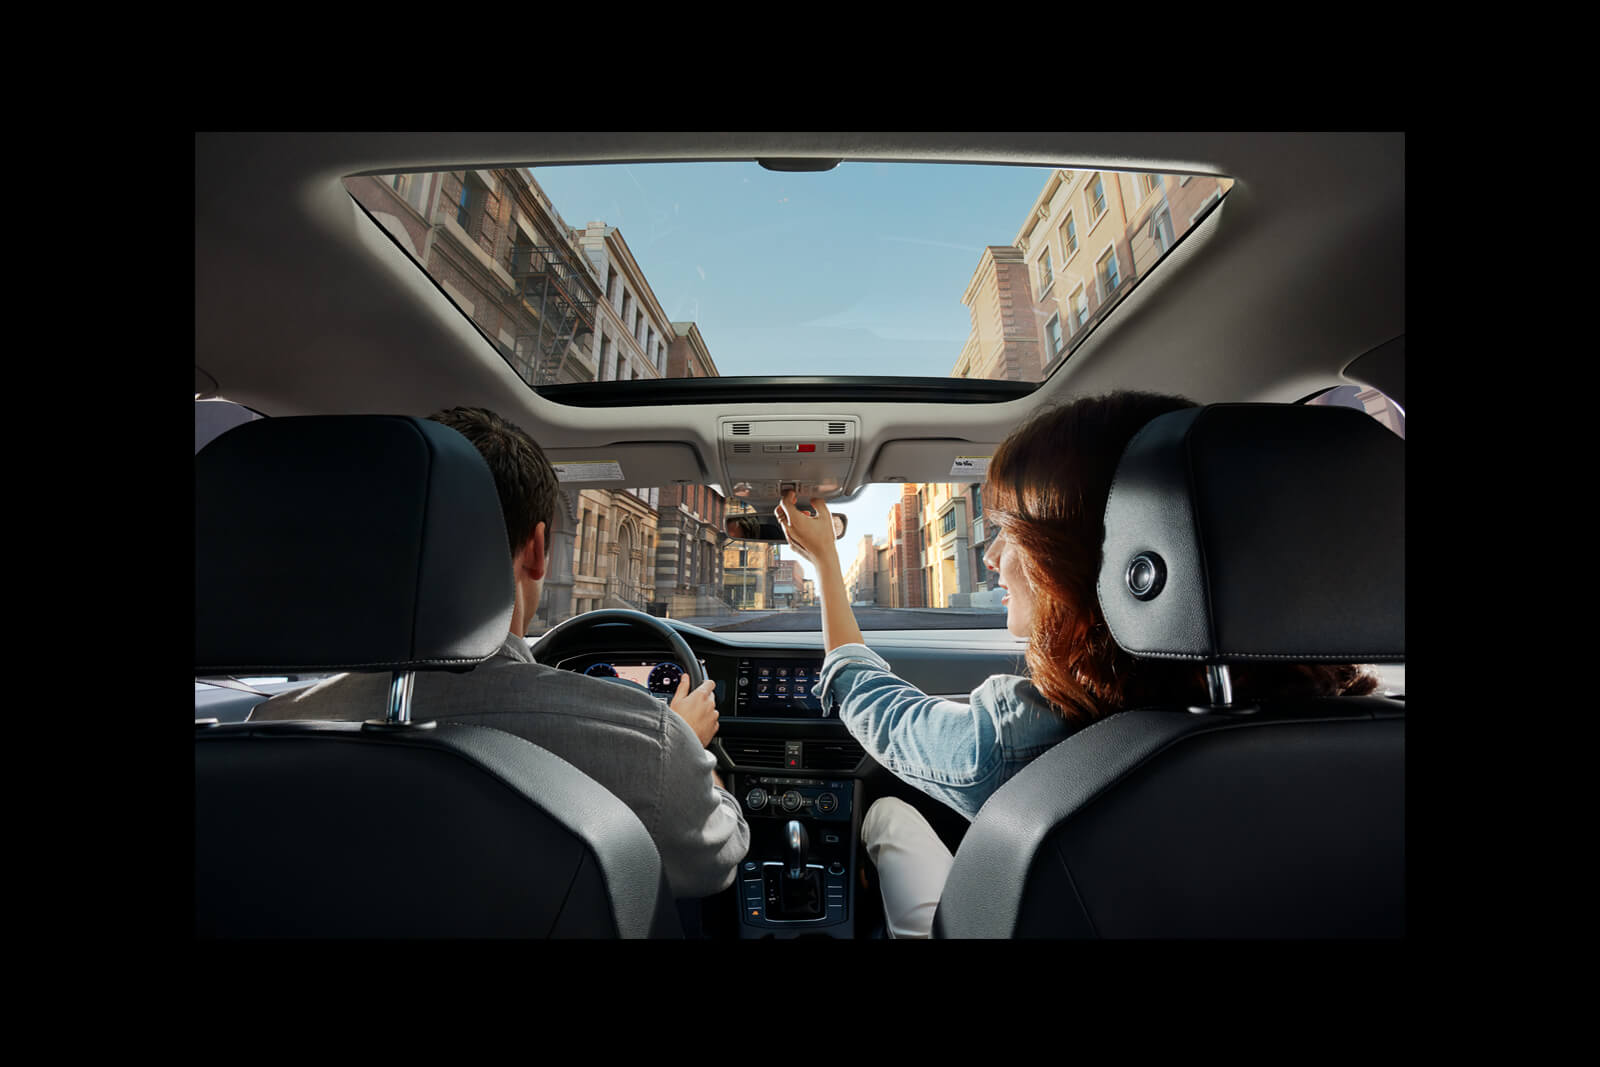 El techo corredizo opcional del Volkswagen Jetta 2019